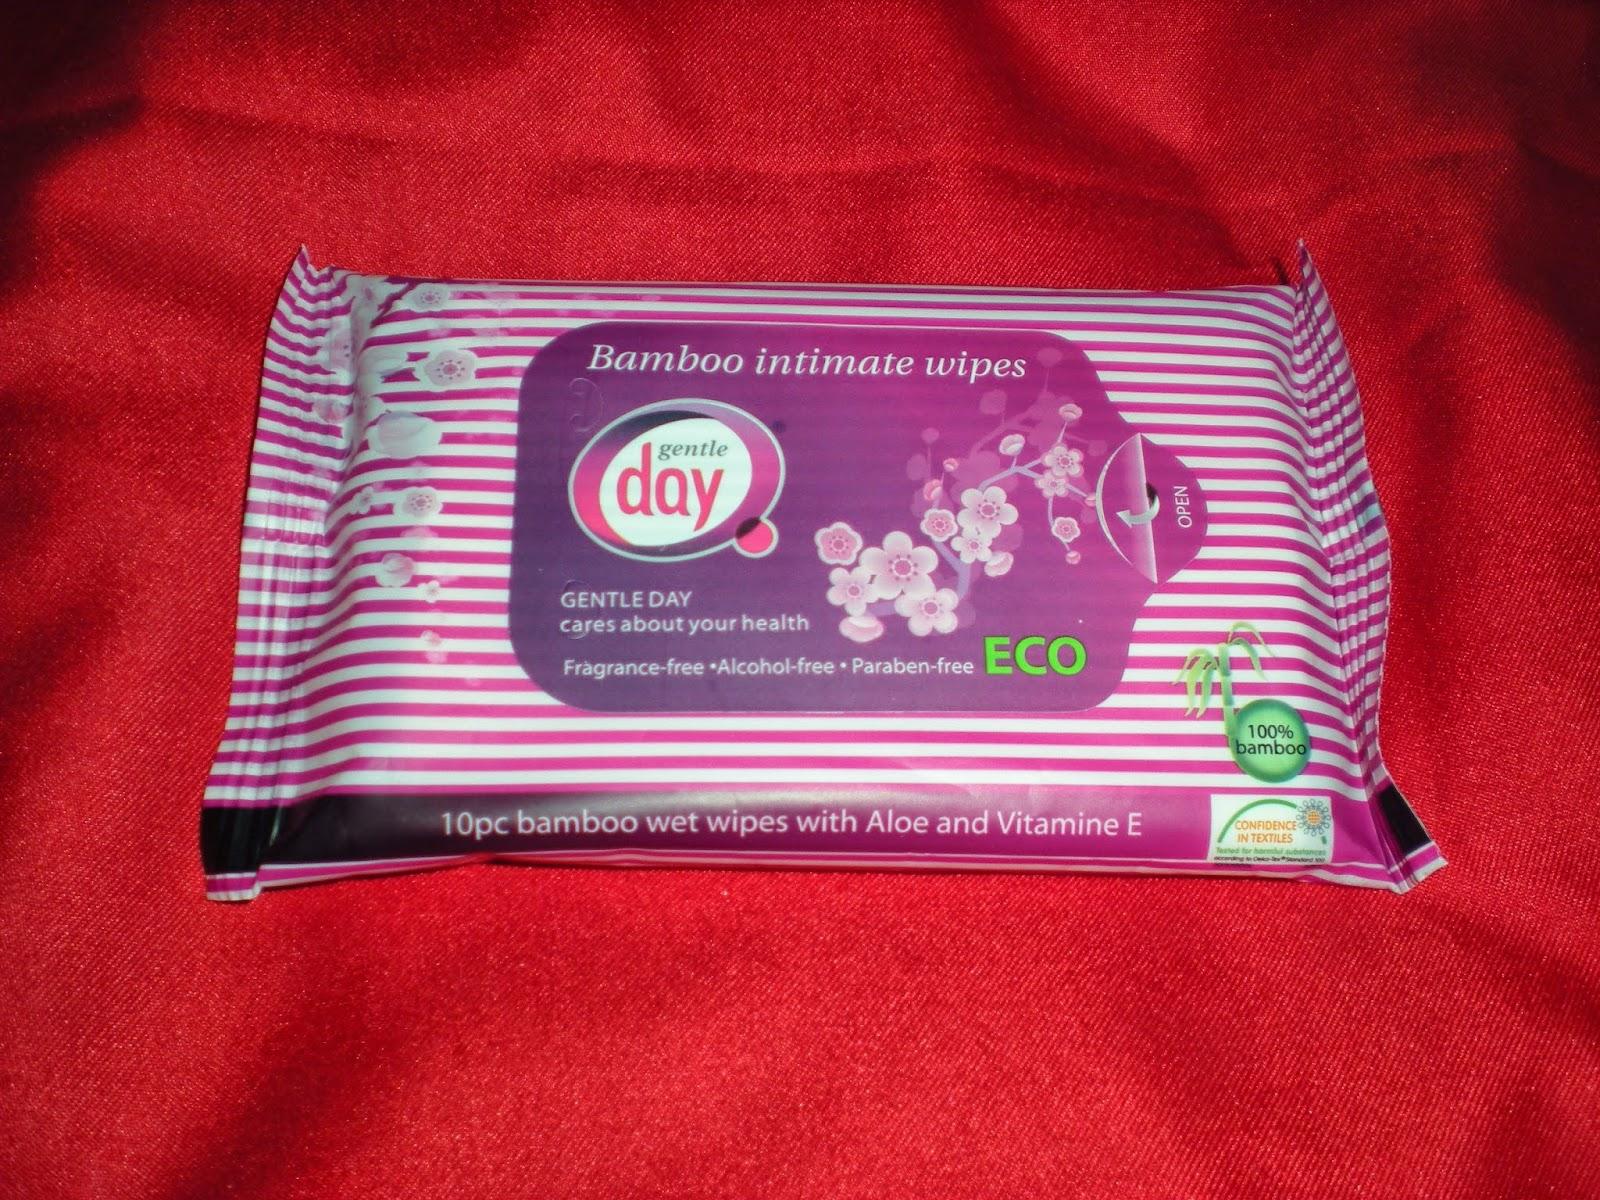 Chusteczki nawilżane ECO do higieny intymnej GentleDay